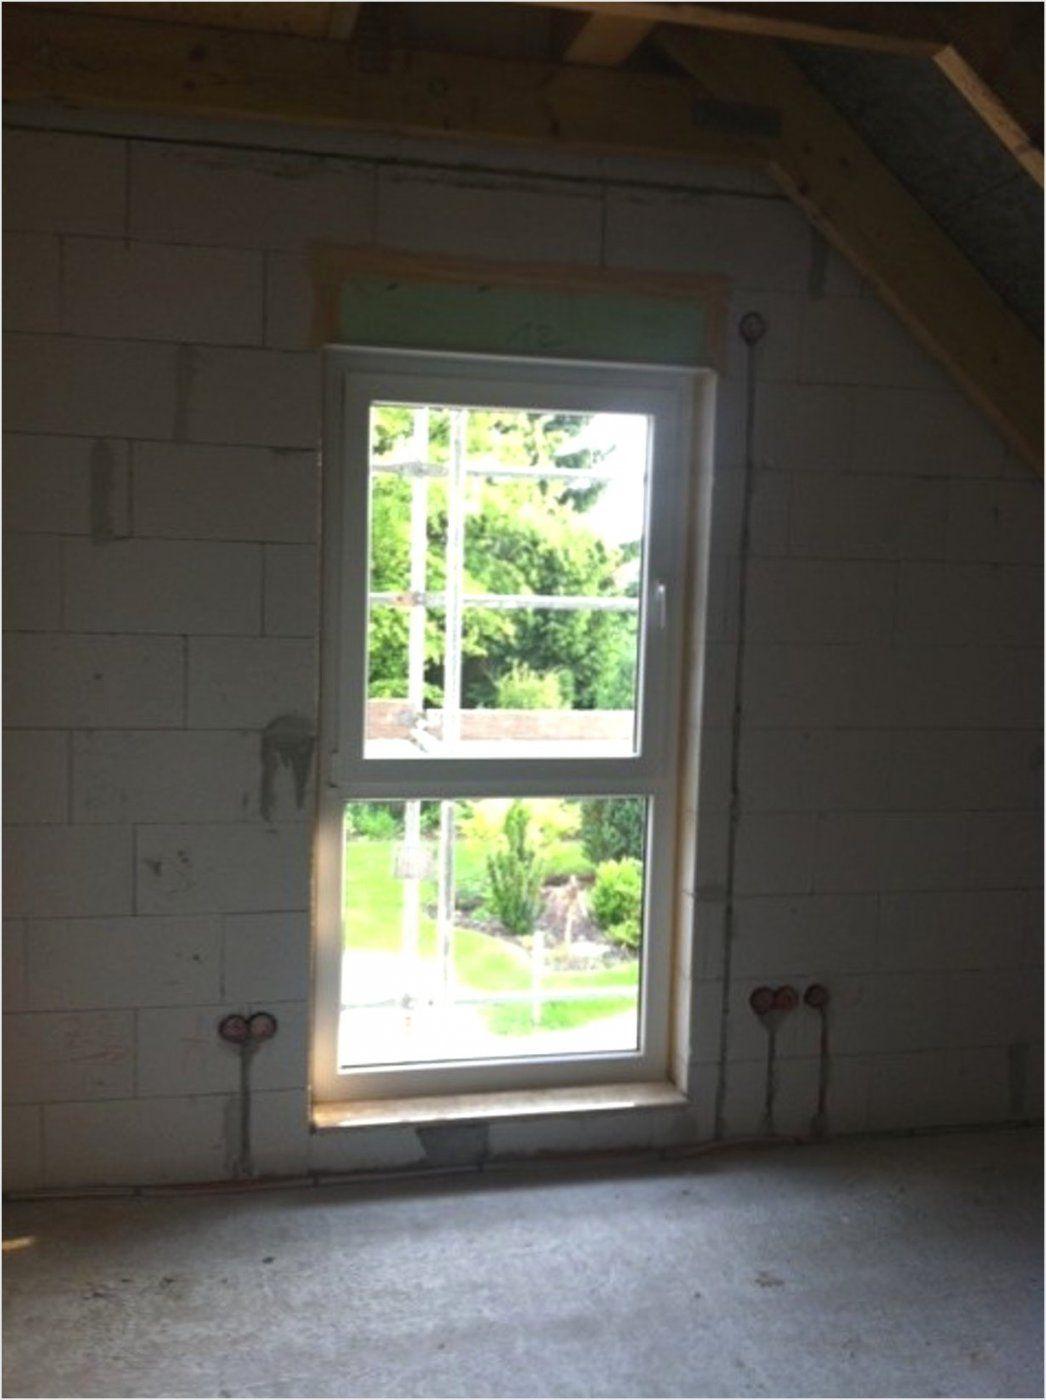 Schöne Kamin Nachträglich Einbauen Kosten Kosten Fenster von Kamin Nachträglich Einbauen Kosten Bild